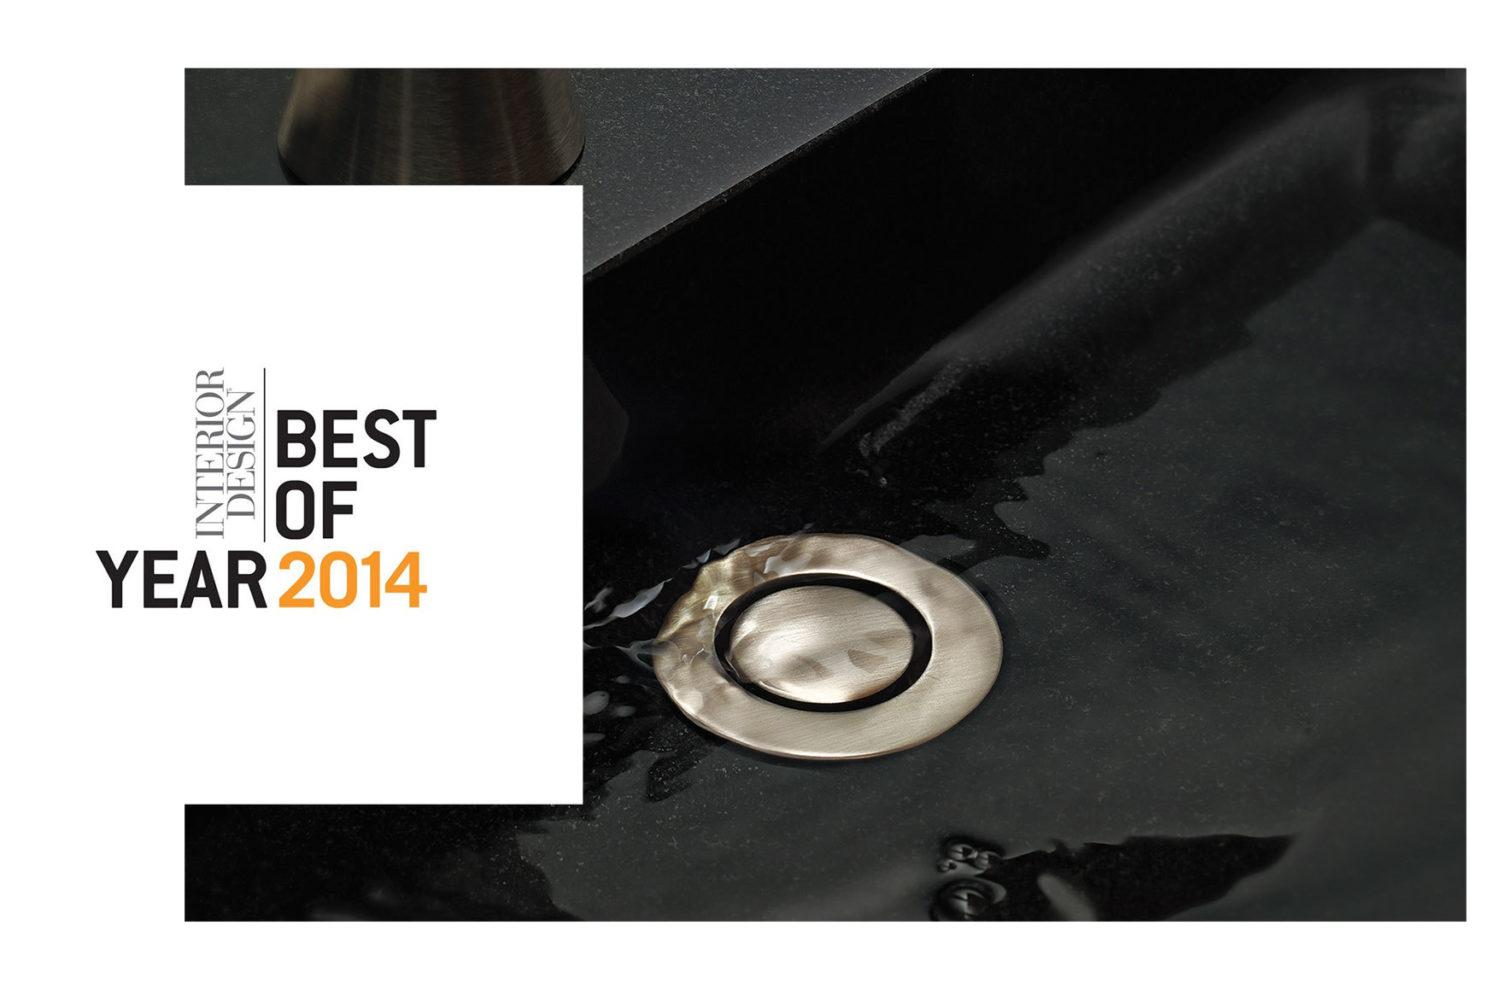 Interior Design Best of Year 2014 logo overlay on ZeroDrain